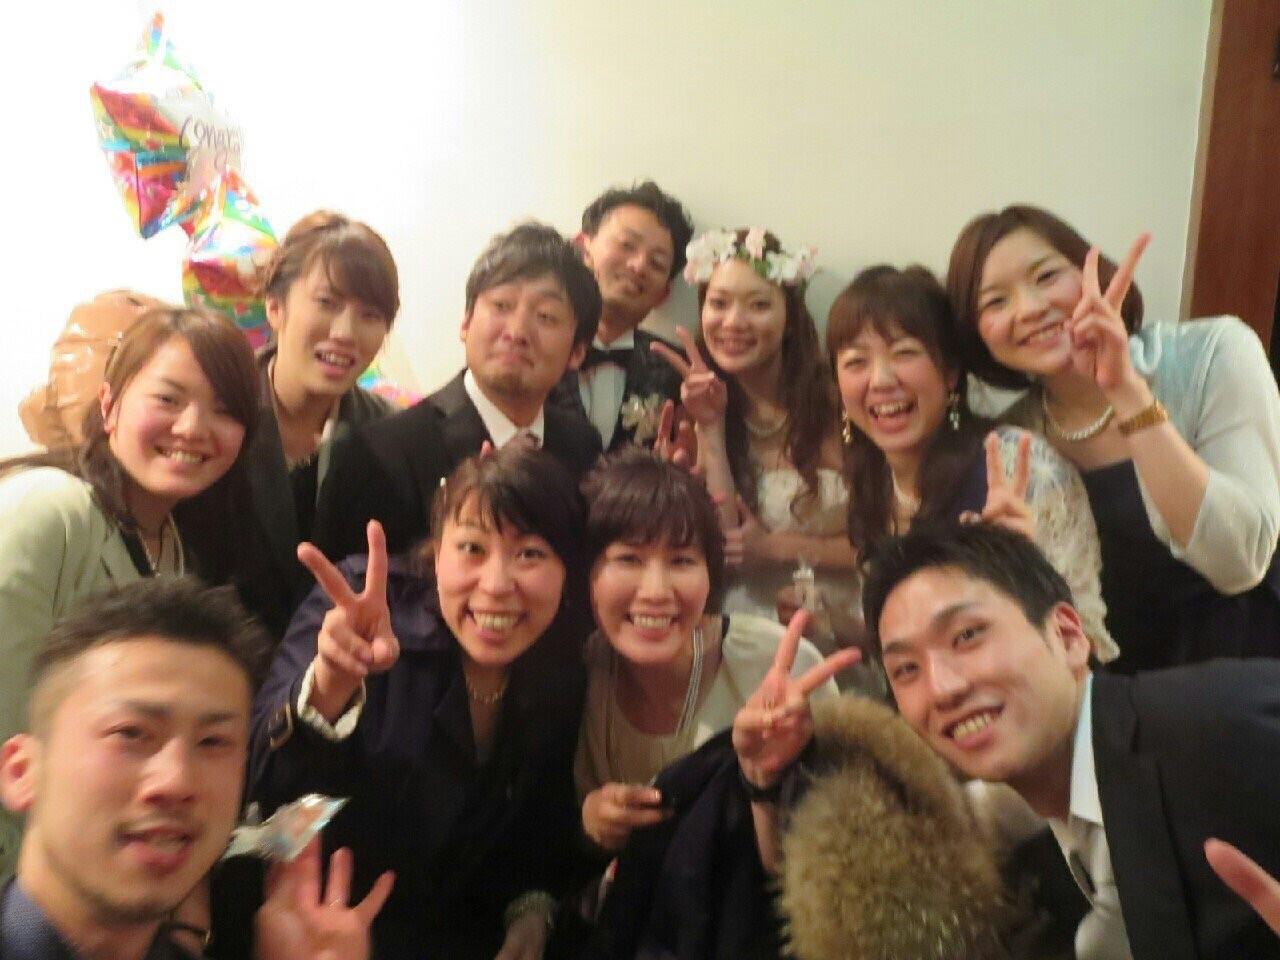 今日はTSUKASAにとって忘れられない日となりました。本当におめでとう!